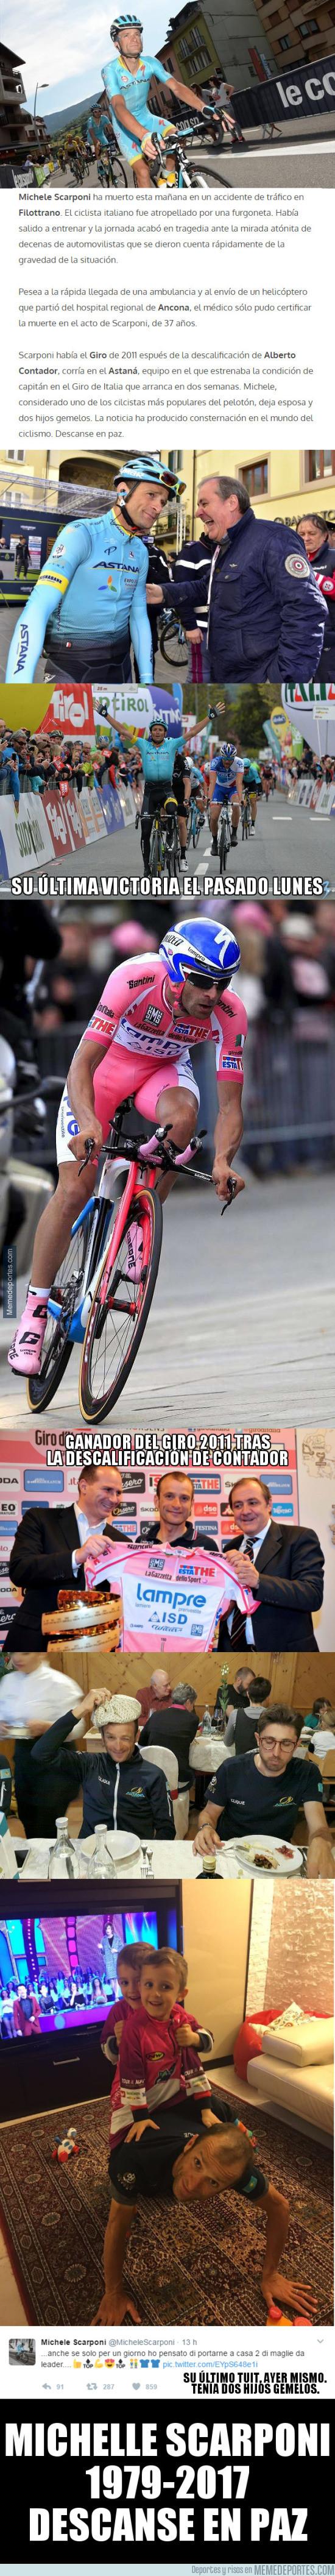 969628 - Fallece Michelle Scarponi, campeón del Giro 2011, mientras entrenadaba